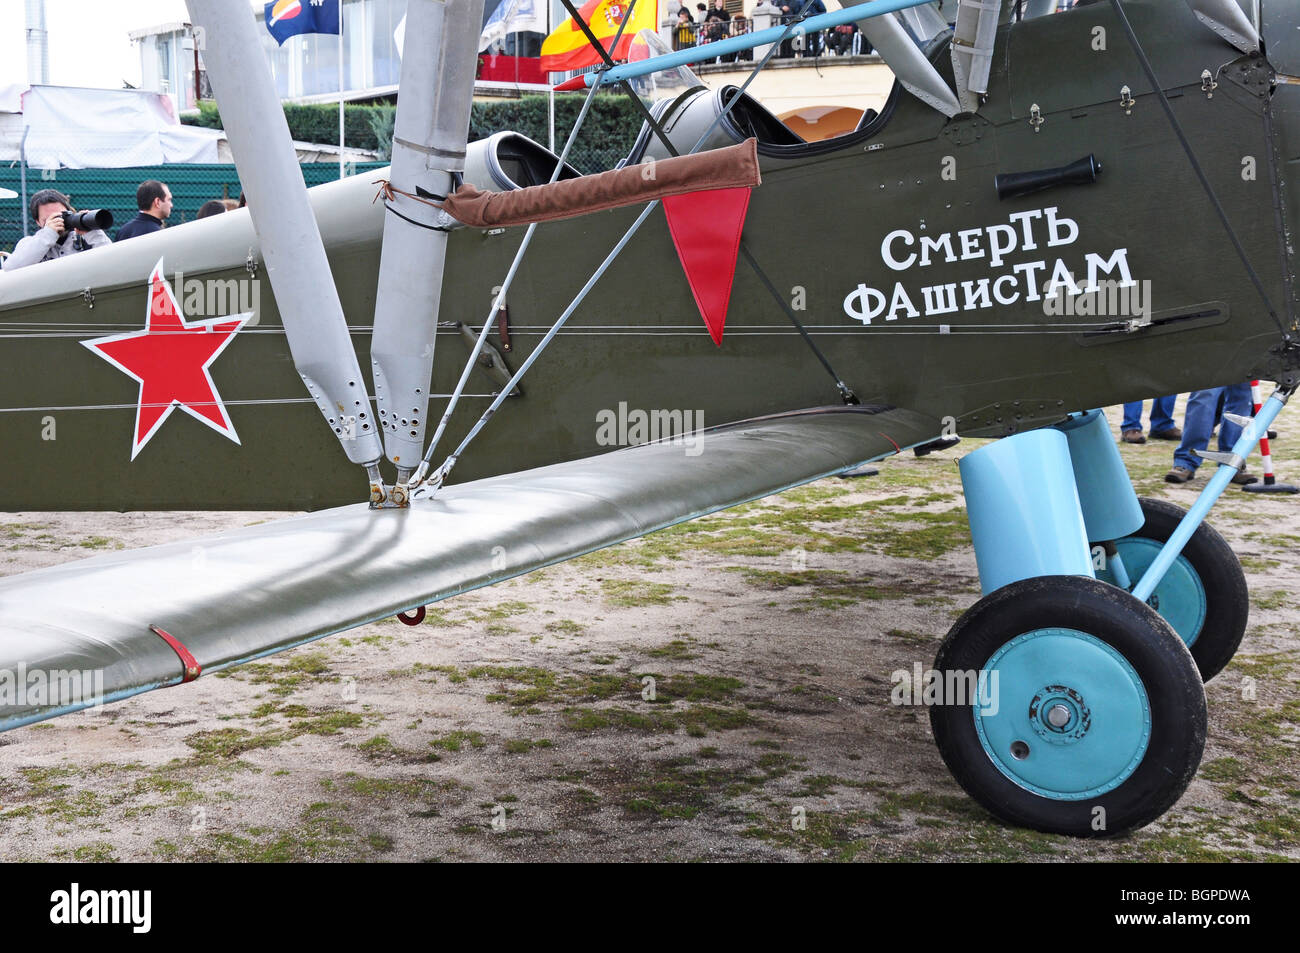 Aerial Show - Festival Aereo - FIO - Fundación Infante de Orleans - Stock Image